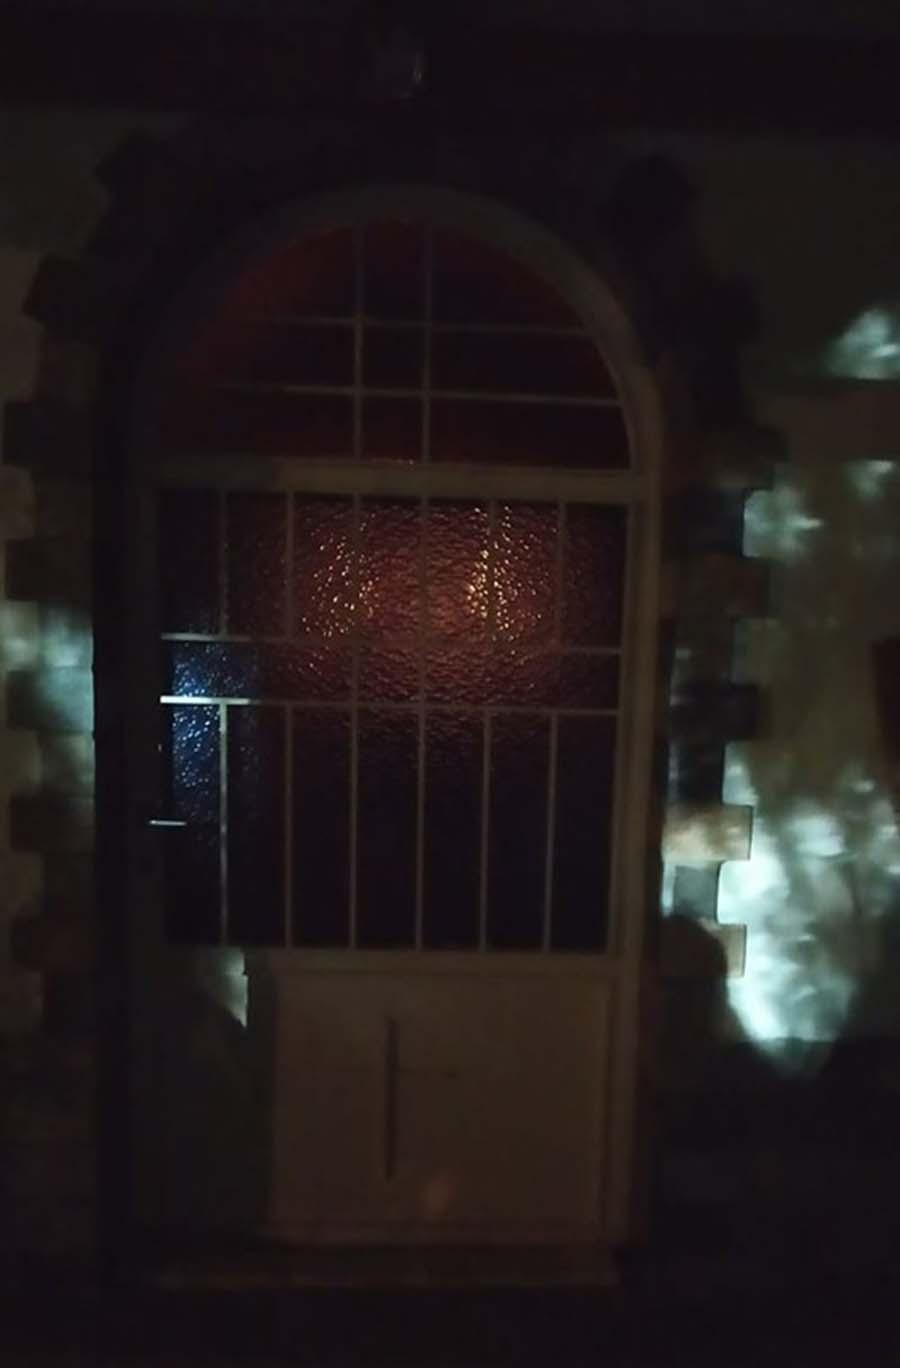 """Θαύμα στο Καλοχώρι της Λάρισας; - Πλήθη πιστών συρρέουν στην Αγία Παρασκευή για τη """"μορφή της Παναγίας"""" (φωτό)"""